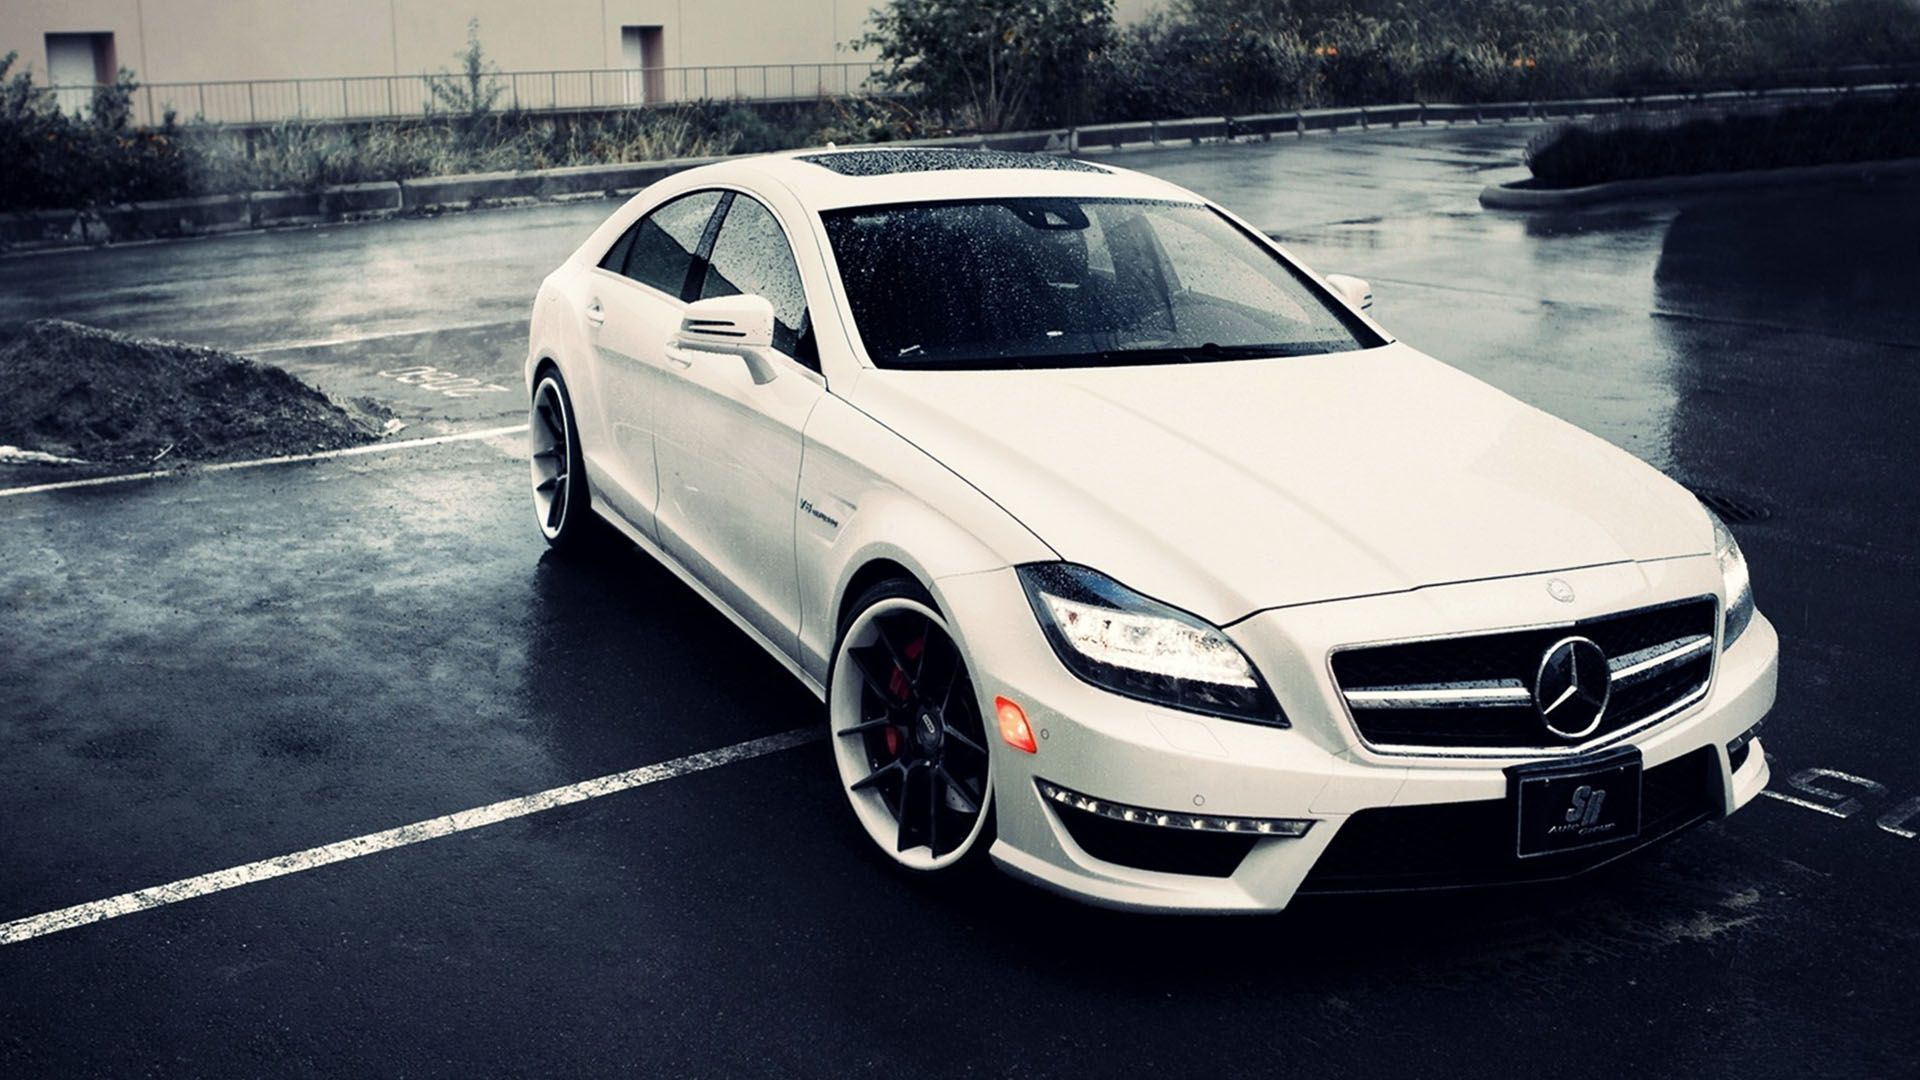 Mercedes benz cls 63 car wallpaper 1920x1080 17433